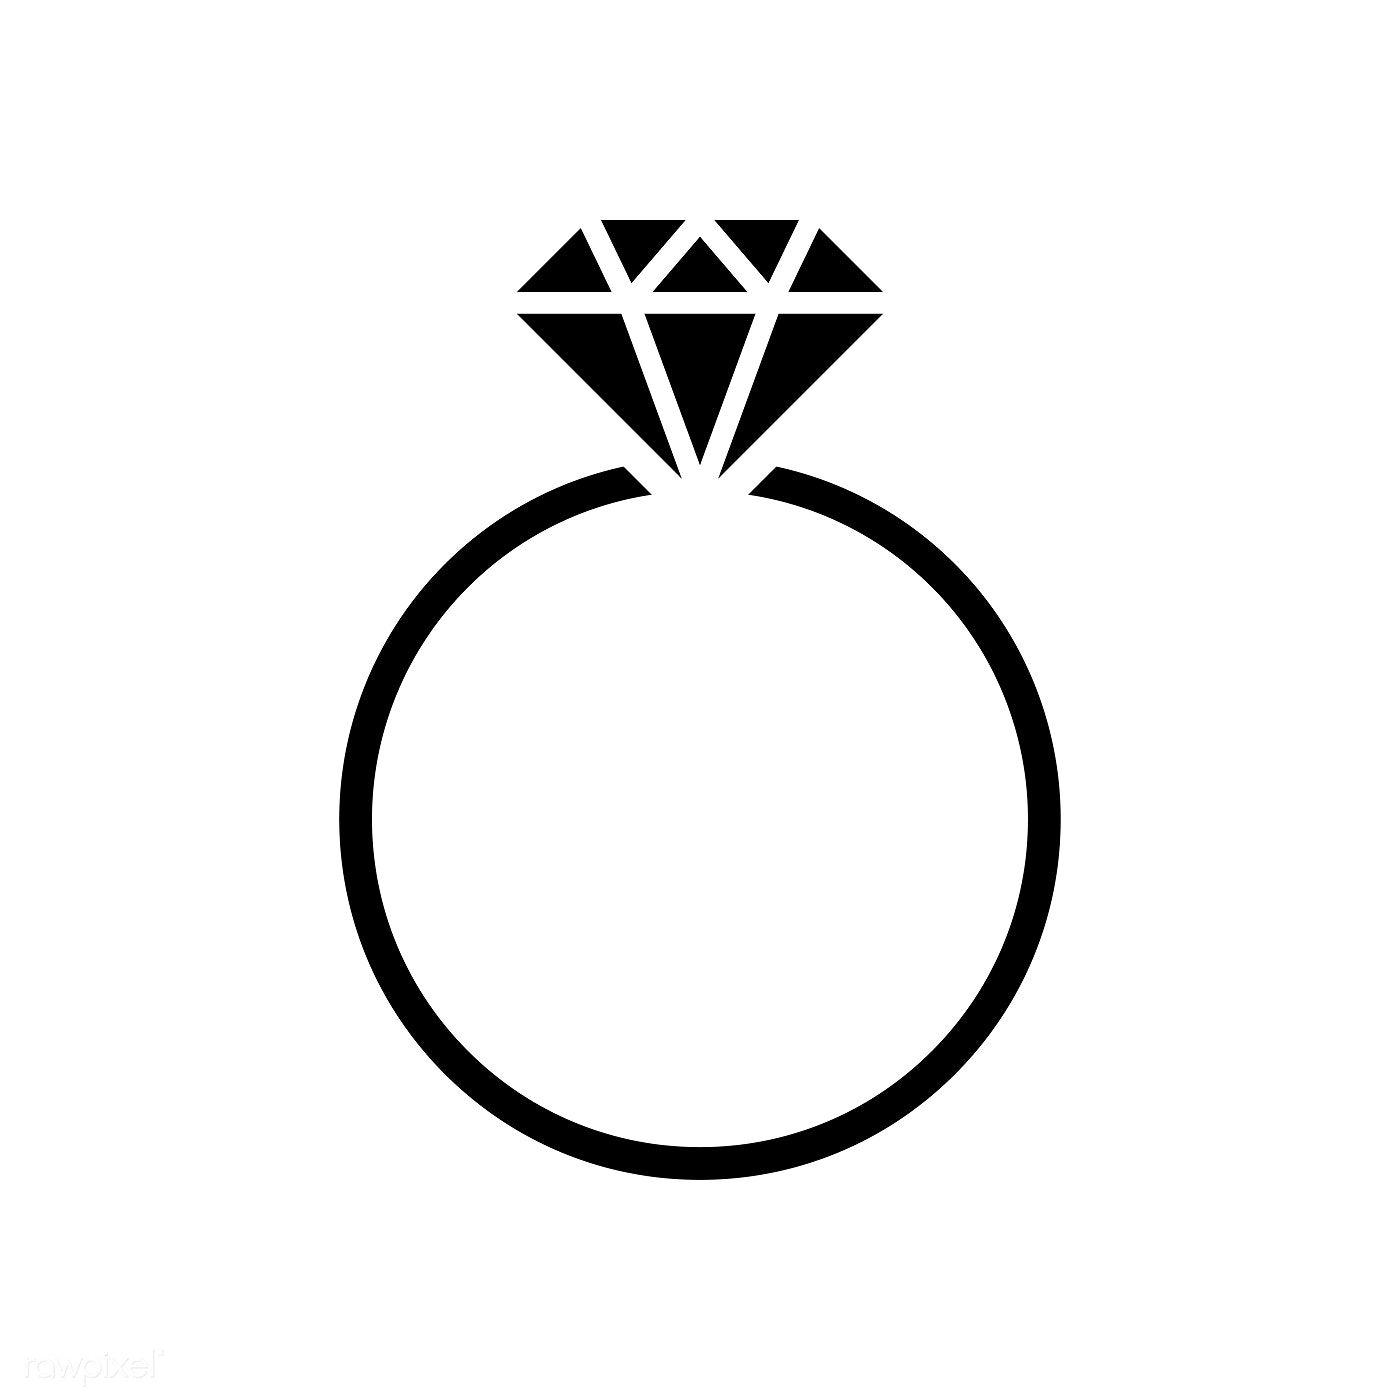 Diamond Wedding Ring Graphic Illustration Free Image By Rawpixel Com Manotang Wedding Ring Graphic Ring Logo Diamond Logo